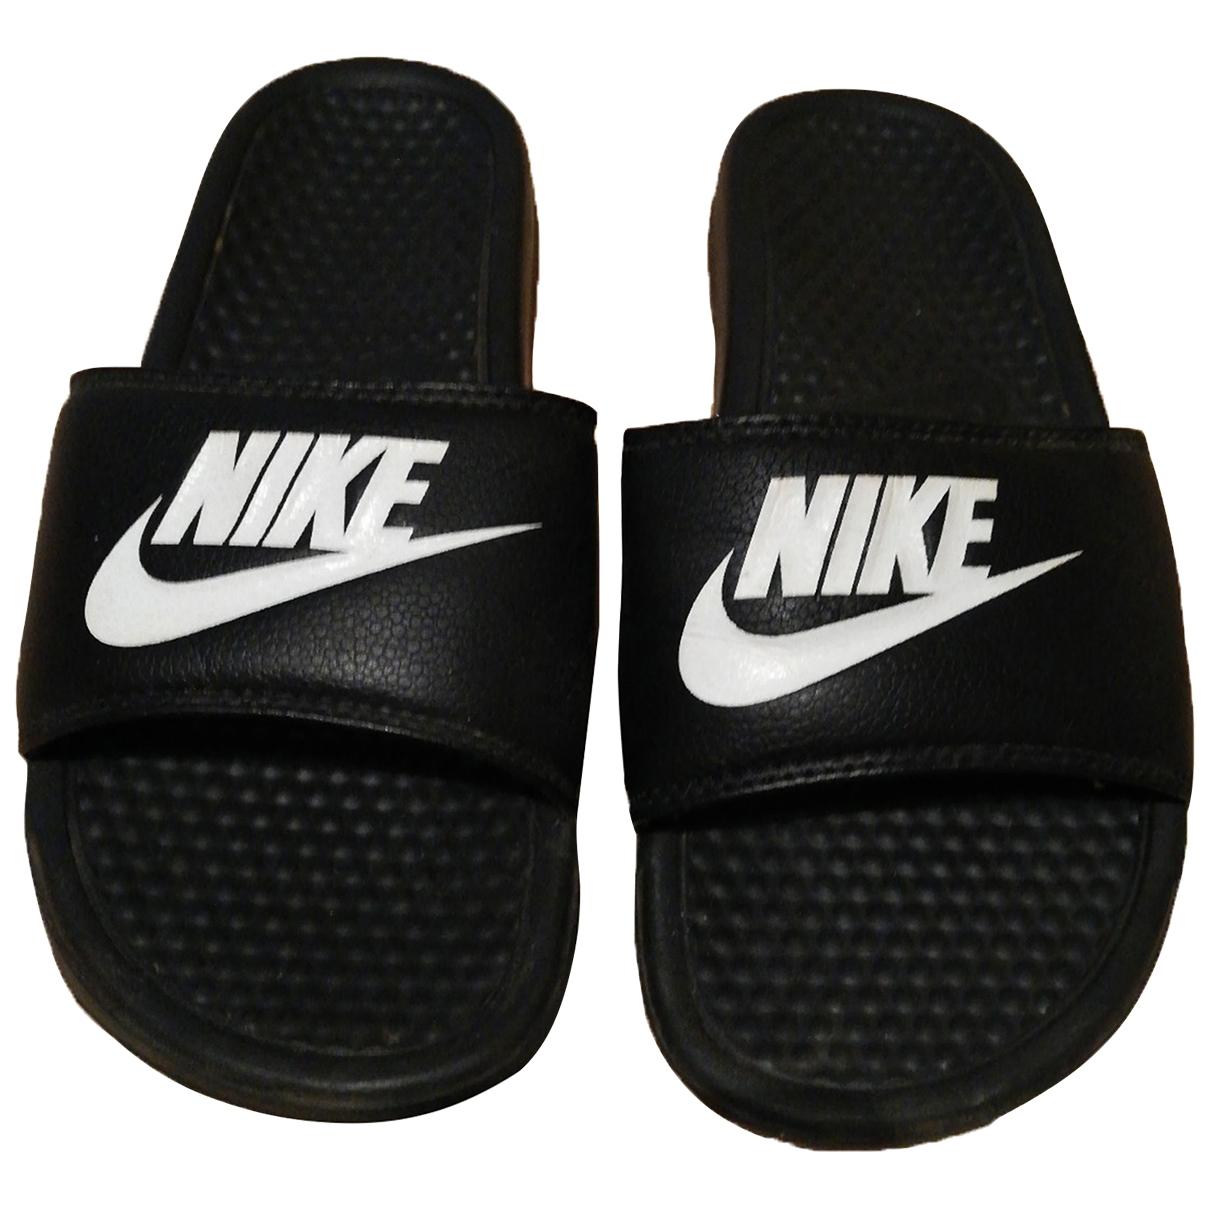 Nike - Sandales   pour femme en caoutchouc - noir